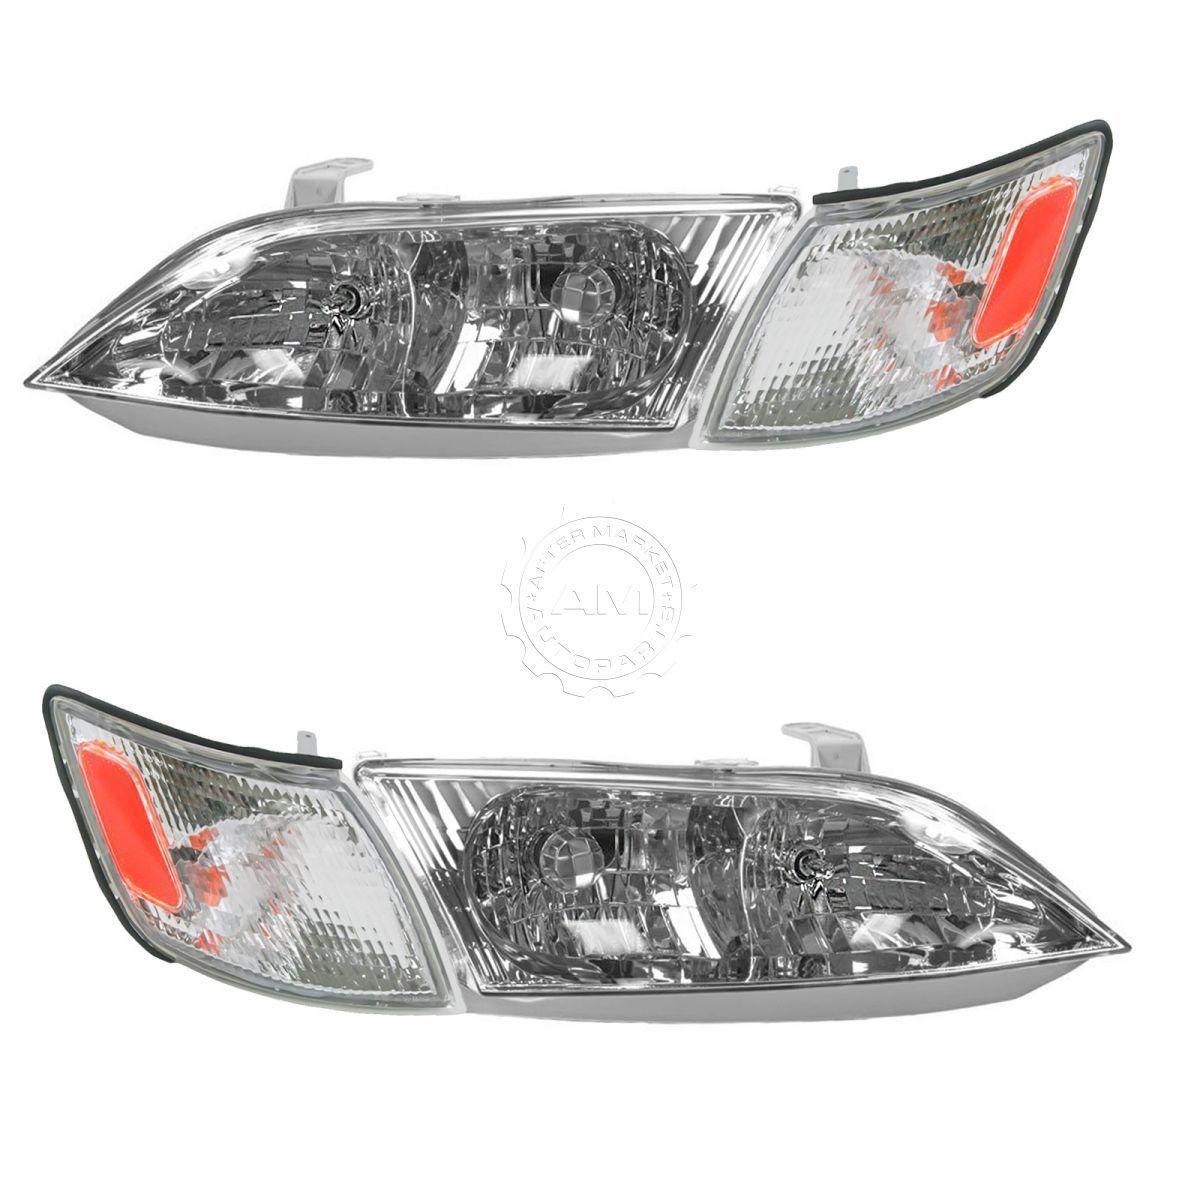 コーナーライト Headlight Headlamp Corner Light Lamp Kit Set of 4 for 97-99 Lexus ES300 NEW ヘッドライトヘッドランプコーナーライトランプキット、97-99 Lexus ES300用4点セットNEW